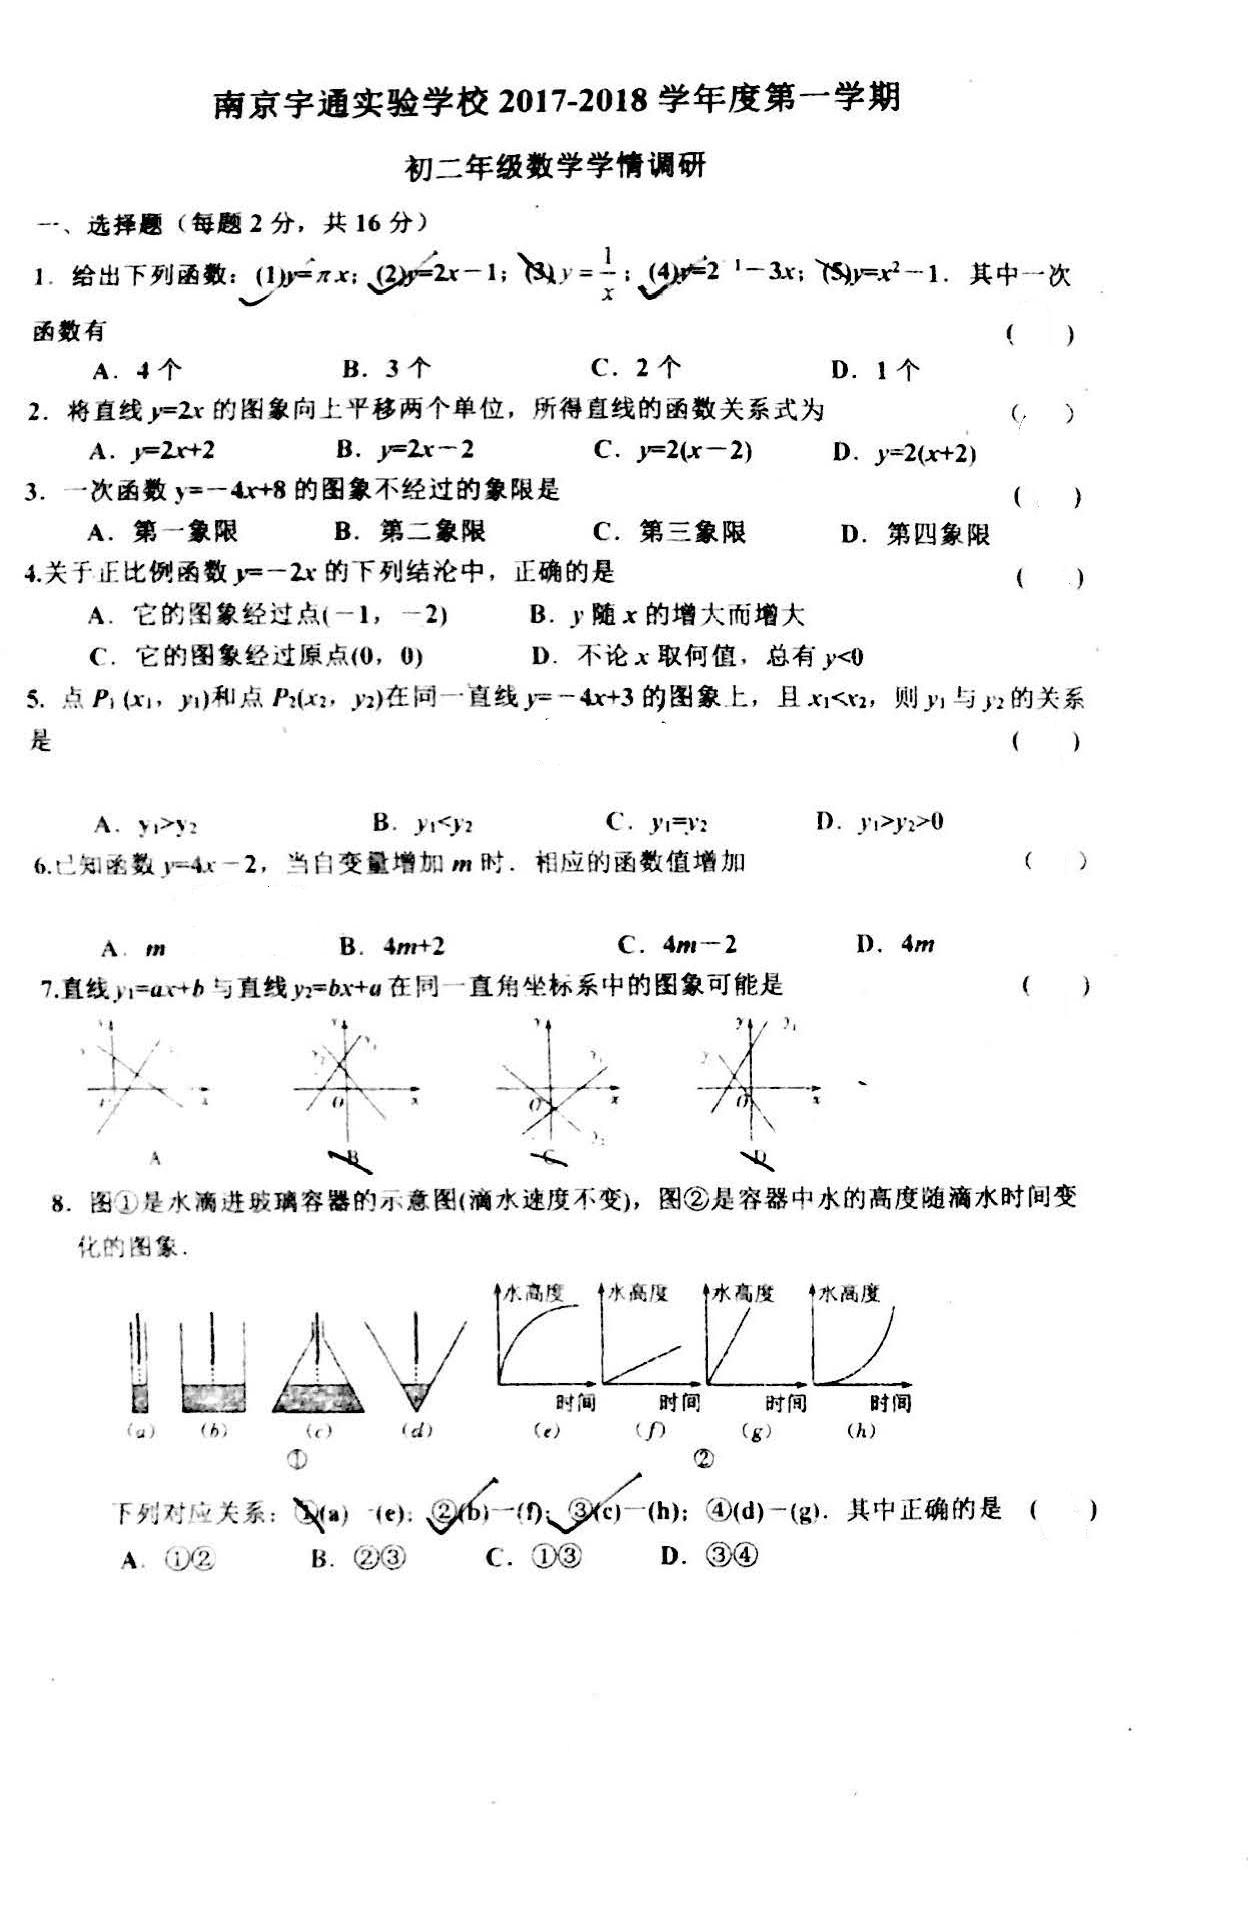 2017南京宇通中学初二第一学期第二次月考数学试卷,初二第二次月考数学试卷,